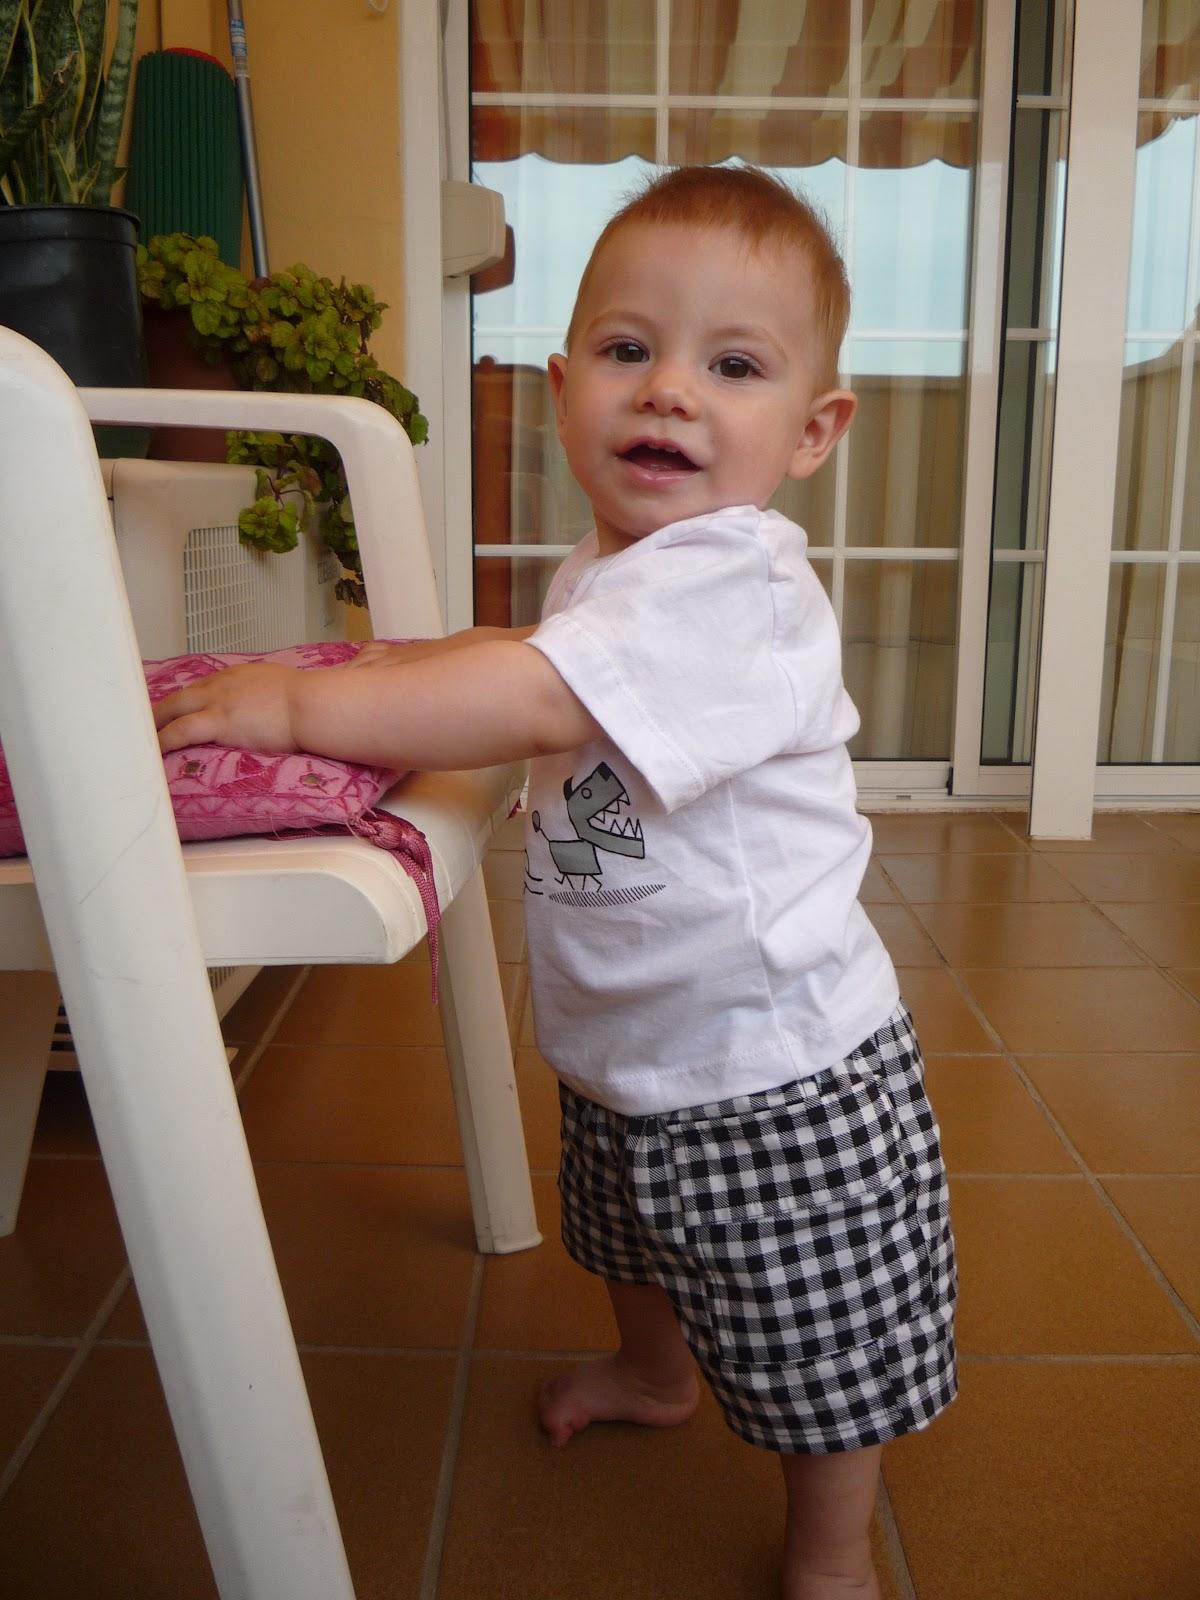 Jugando en familia creando v nculos pr cticas desaconsejadas hacer andar a un beb - Con cuantos meses se sienta un bebe ...